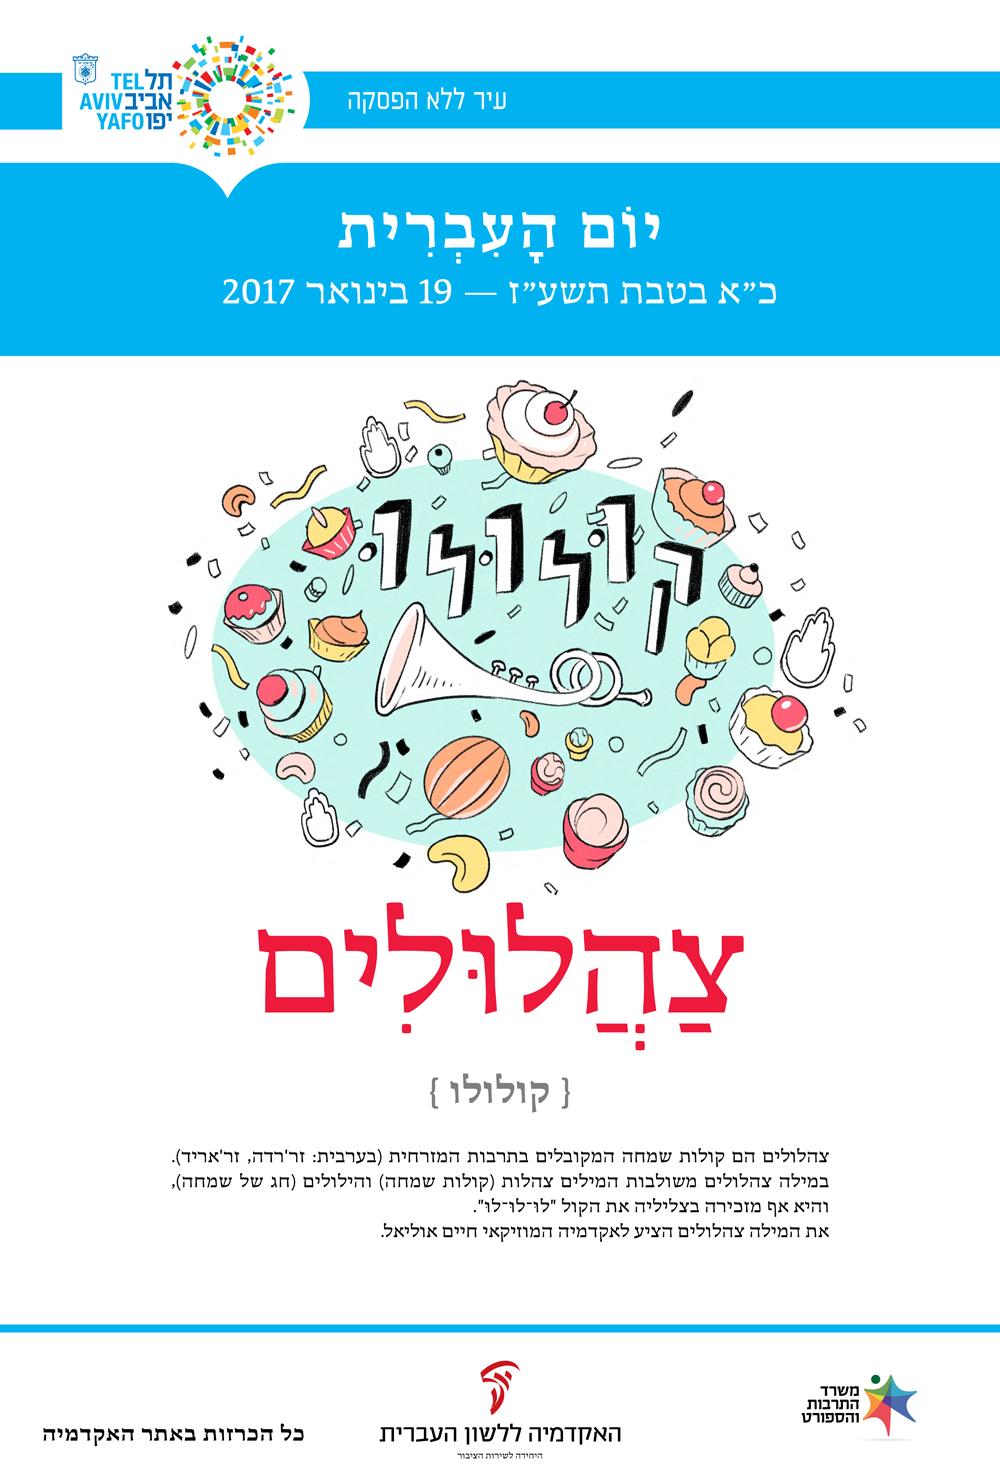 איור של דברים מתעופפים באוויר והמילה קולולו - צהלולים - כרזה ליום העברית תשעז